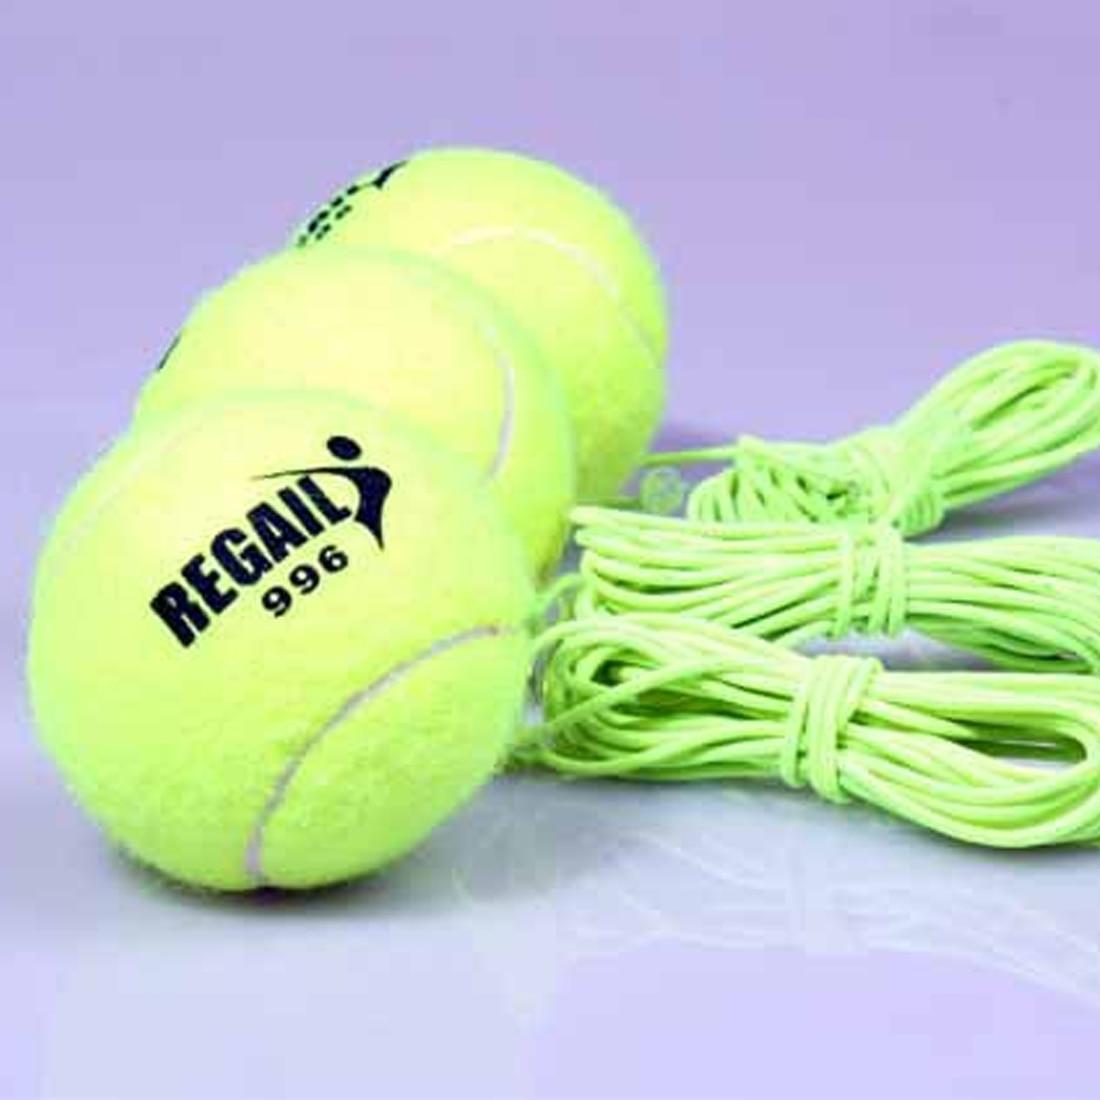 Теннисный мяч в боксе мяч на резинке видео 13